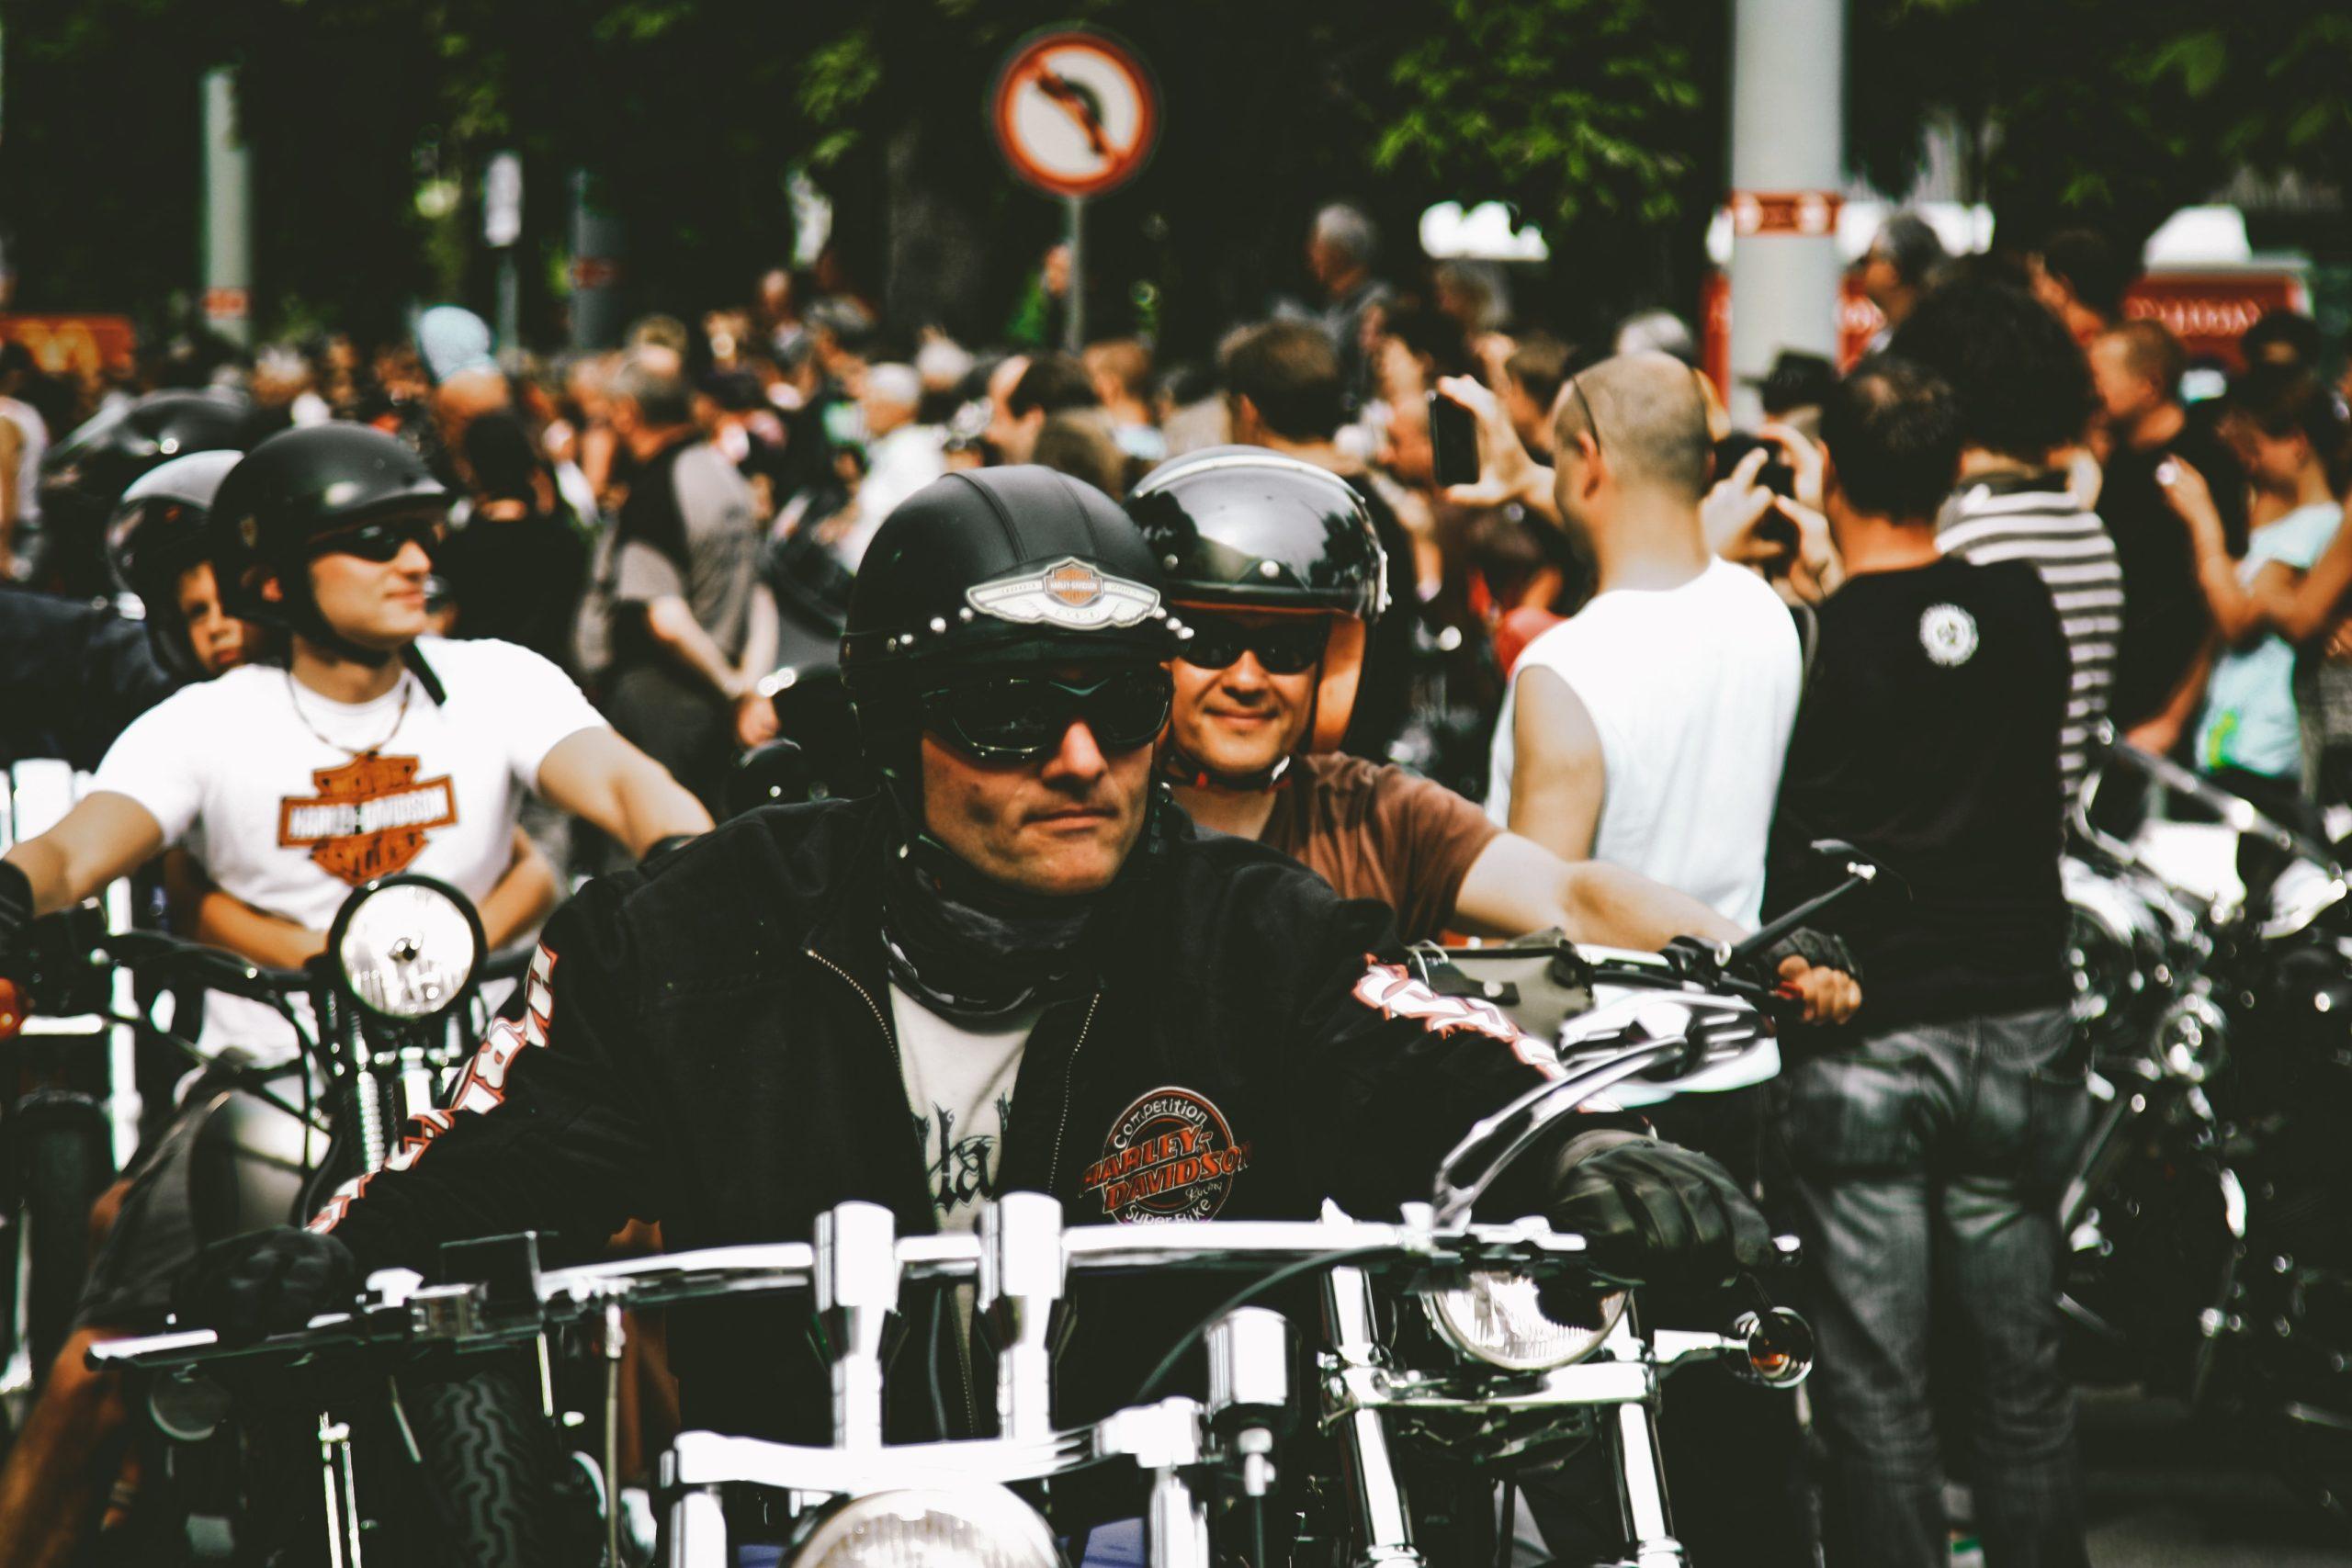 Мотофестиваль Baltic Rally пройдет в июле в Выборге